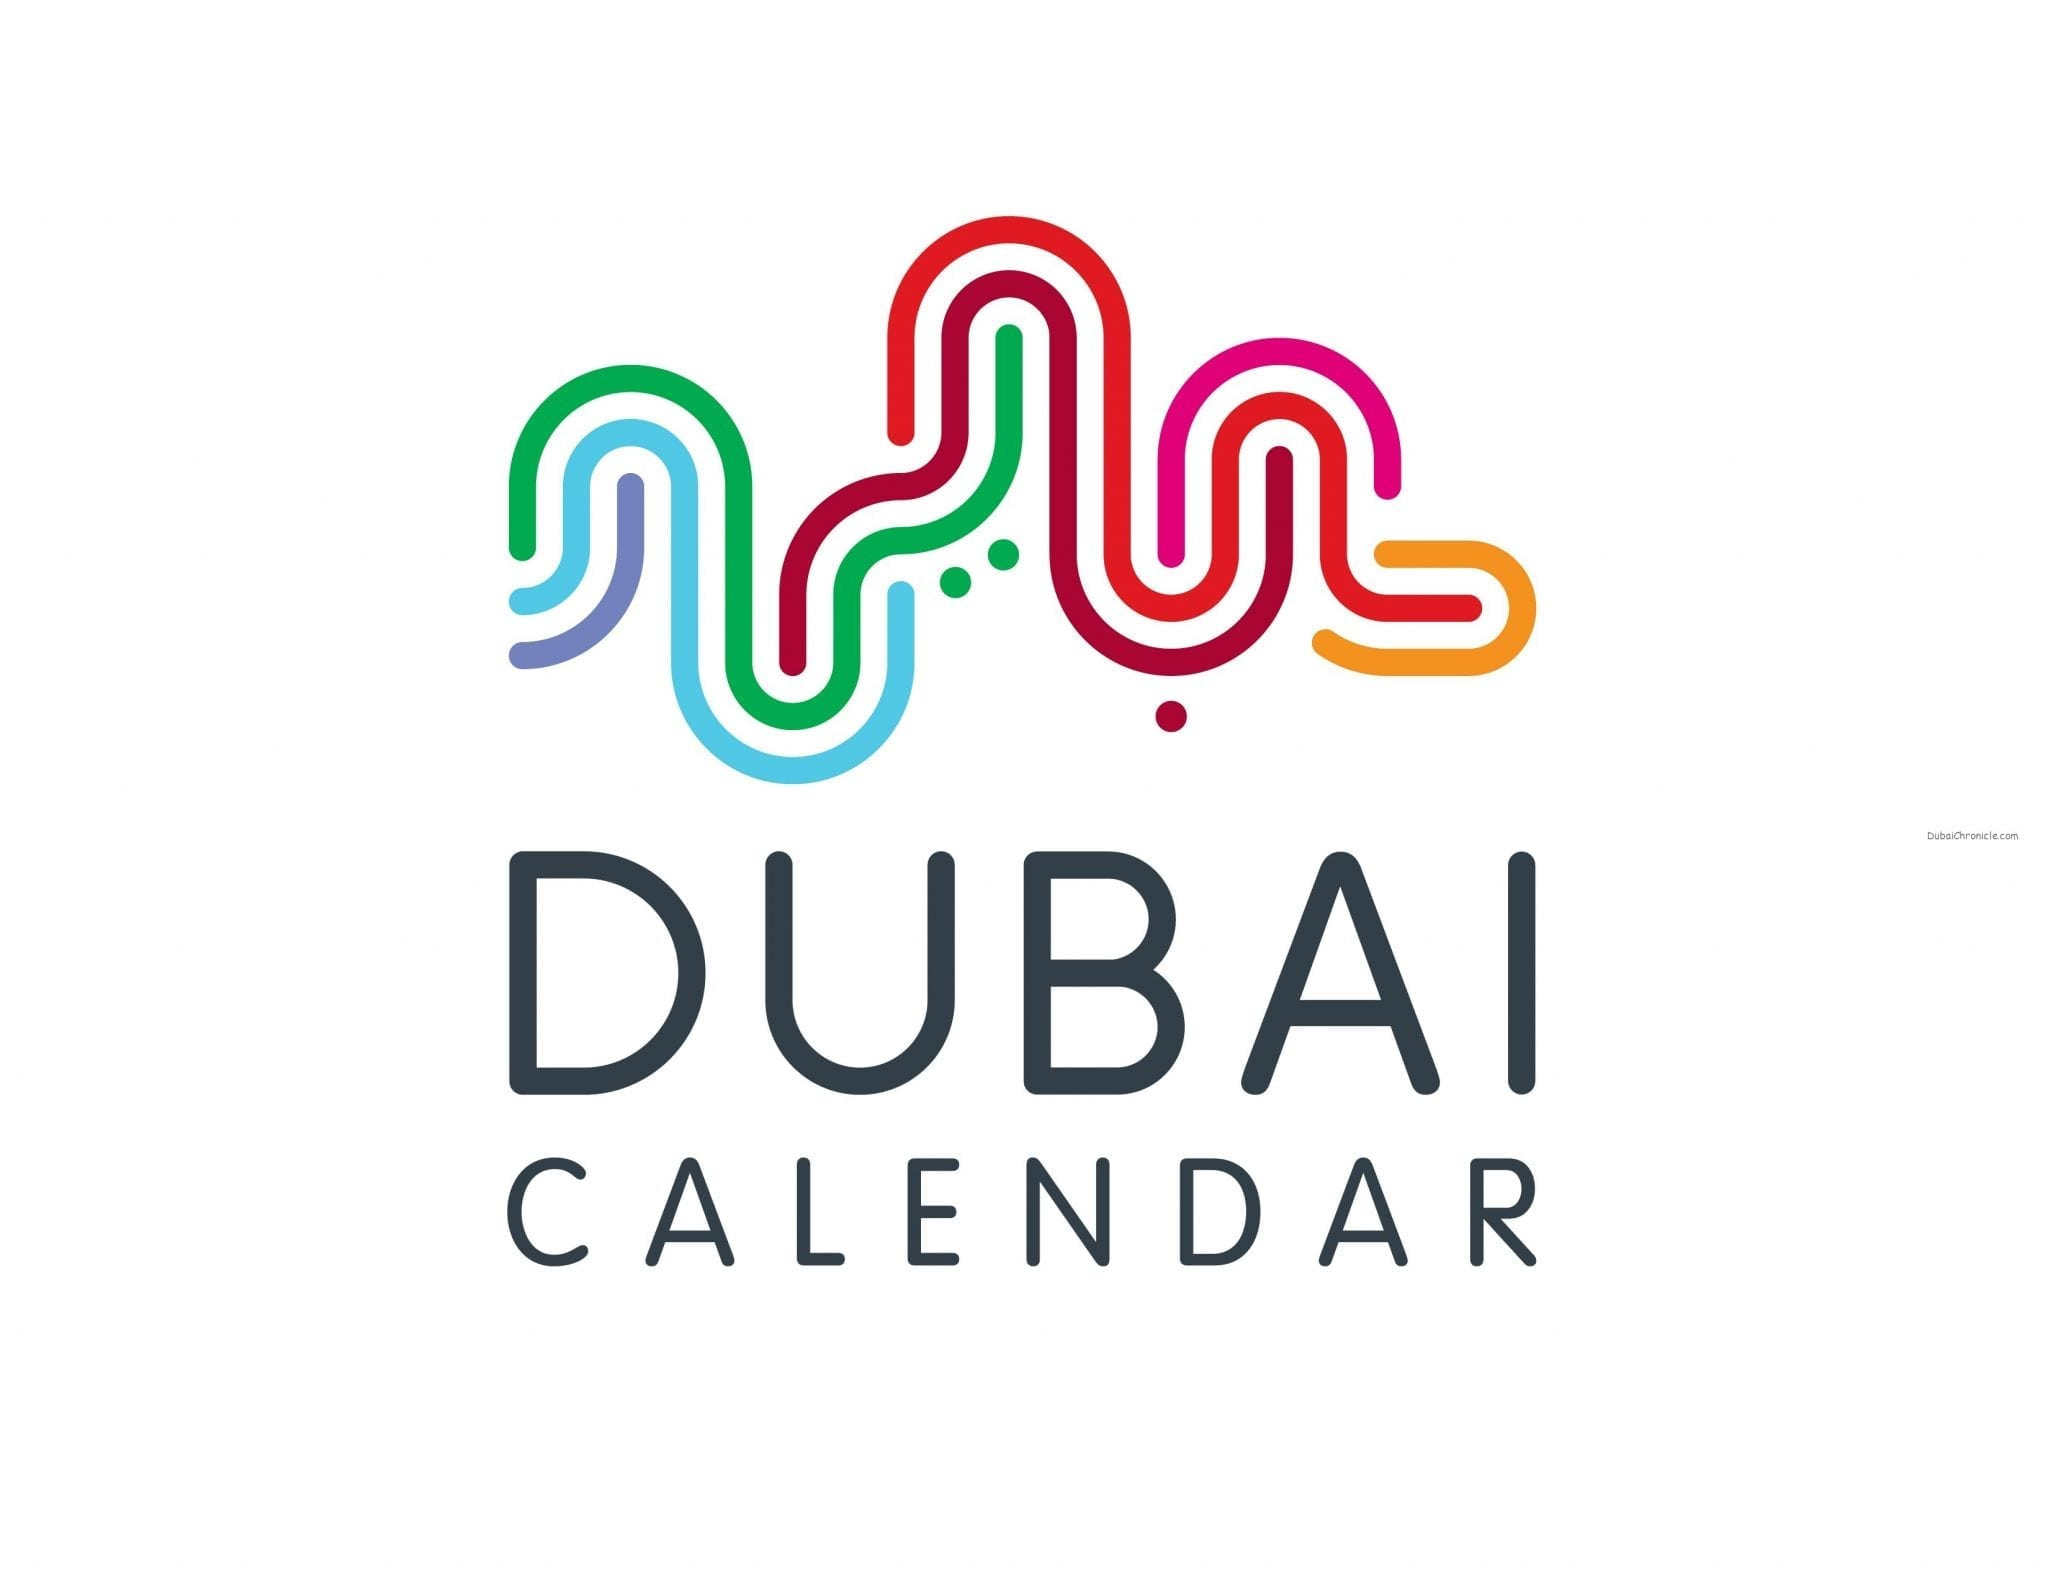 Calendar Logo : Google calendar search results